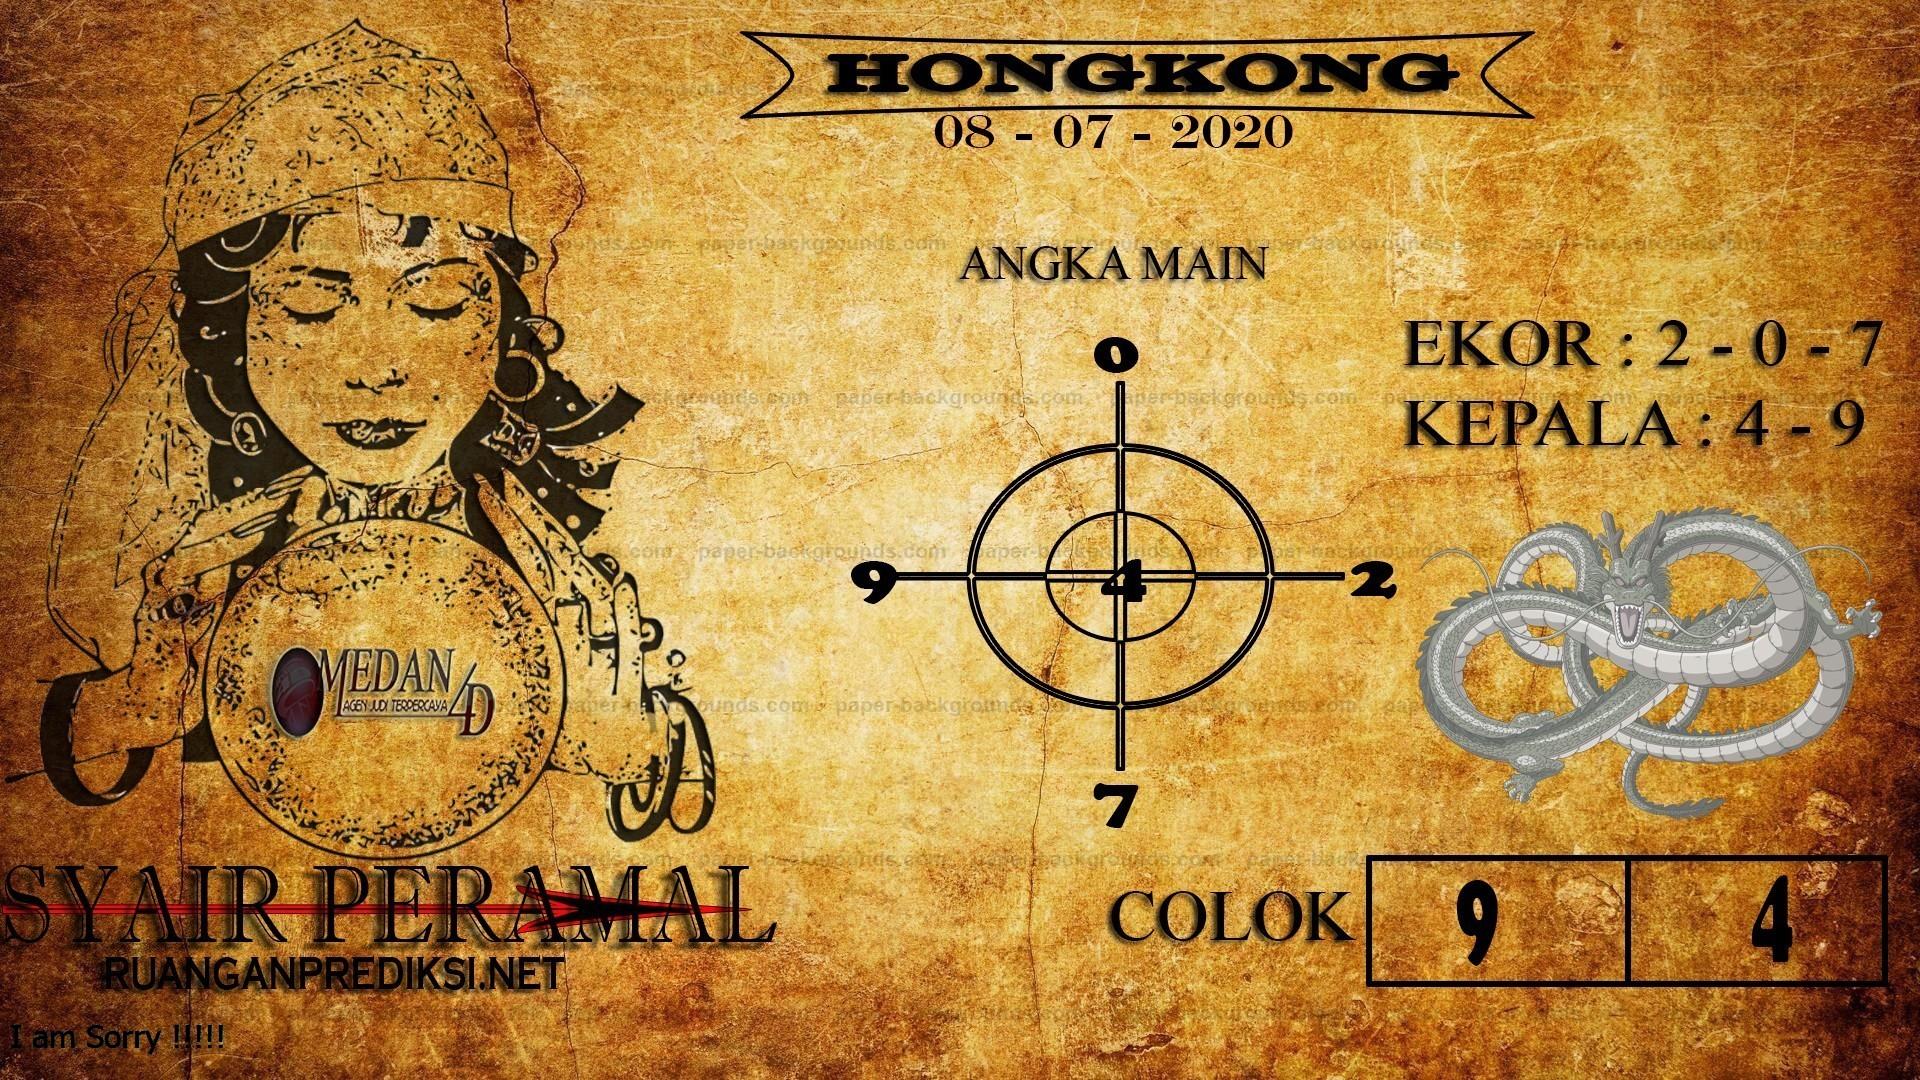 PERAMAL 08-07-2020 HK.jpg (1920×1080)